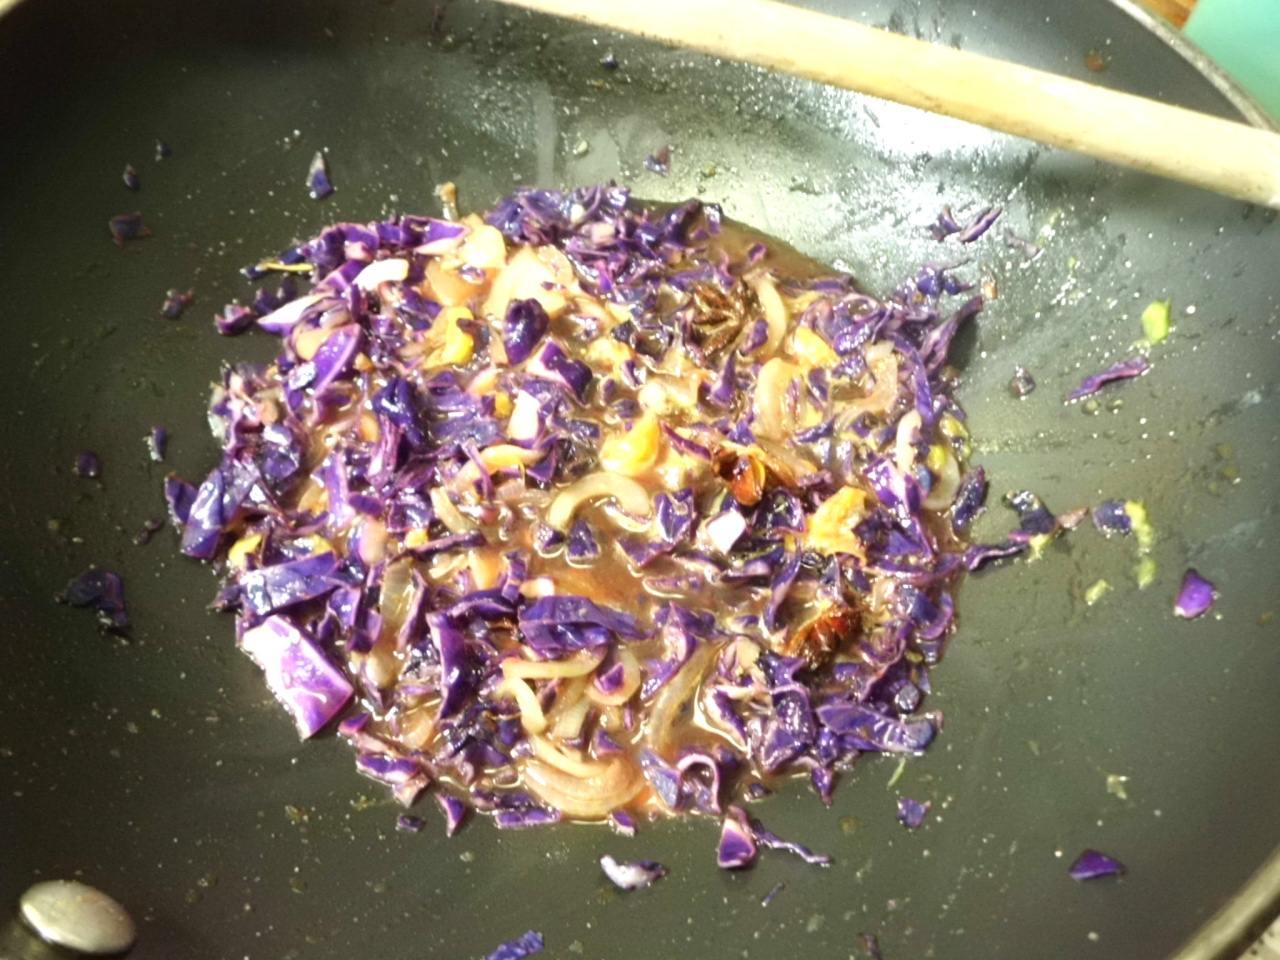 die Gewürze und Orangensaft,Sojasauce unterrühren und köcheln lassen die Flüßigkeit sollte einkochen